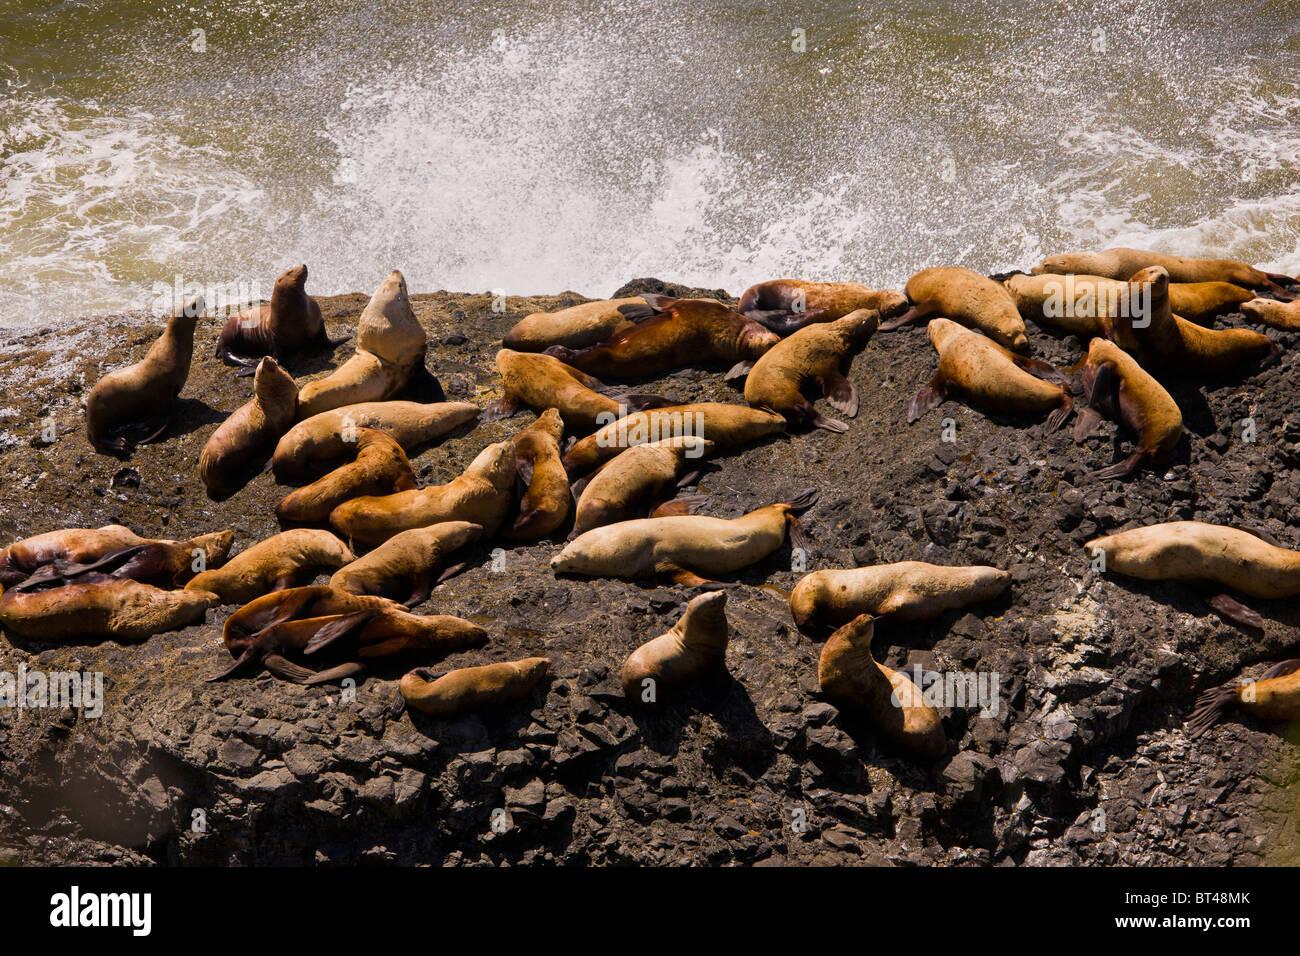 OREGON, USA - sea lions pinnipeds on rocks - Stock Image